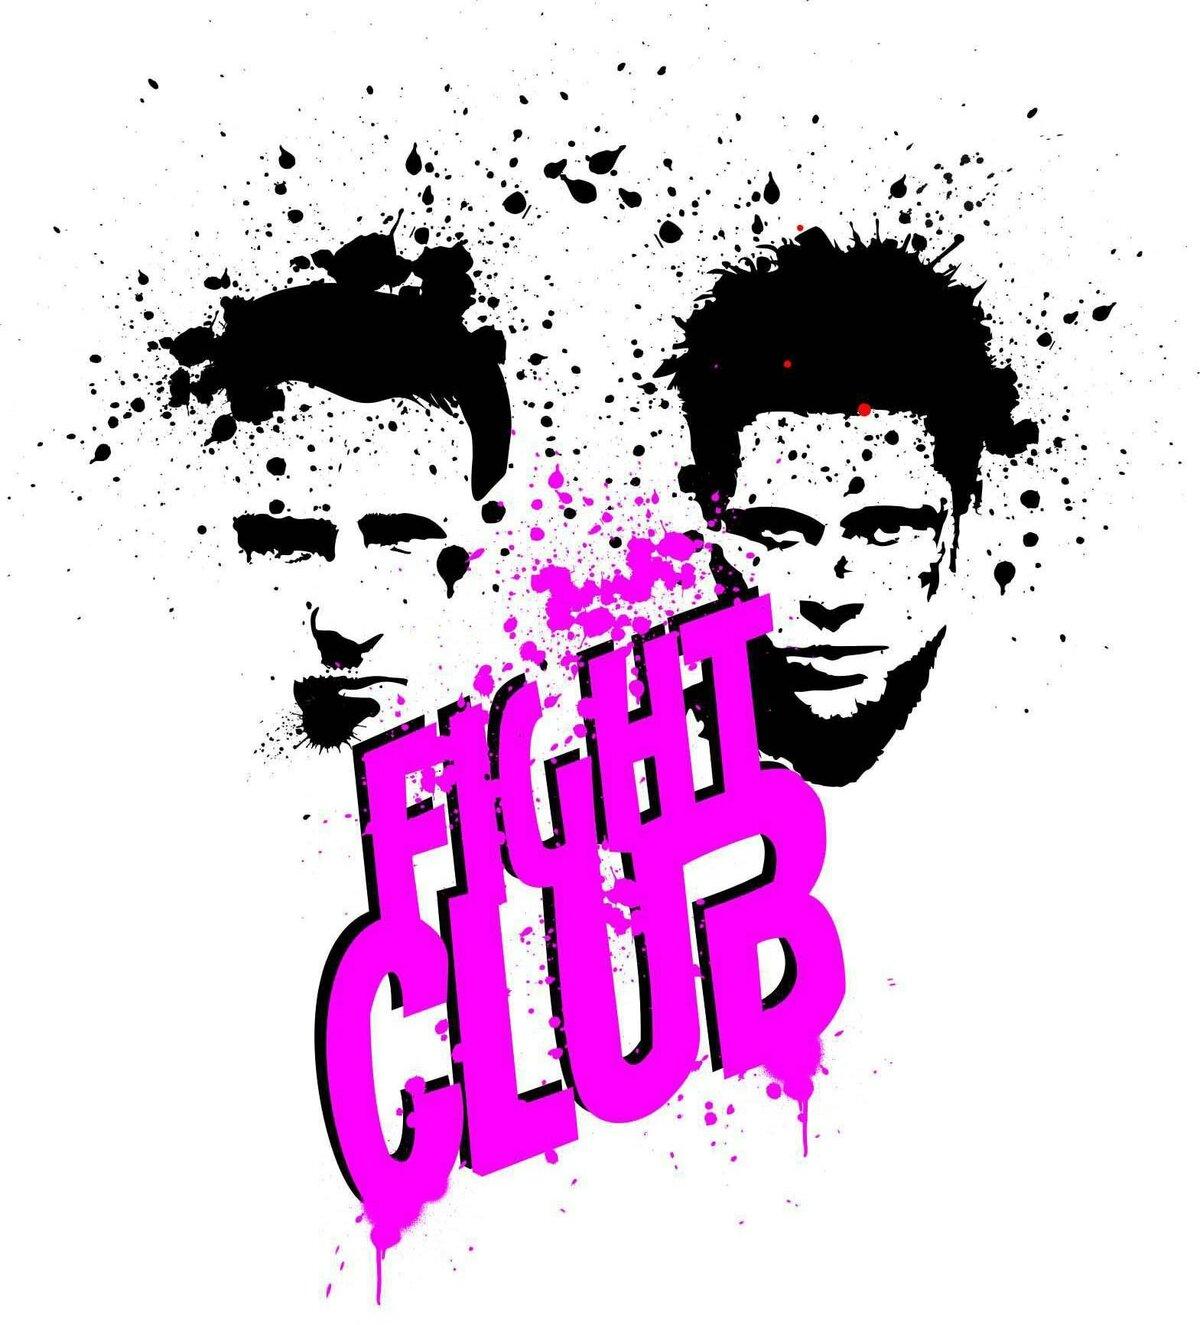 картинки на тему бойцовский клуб